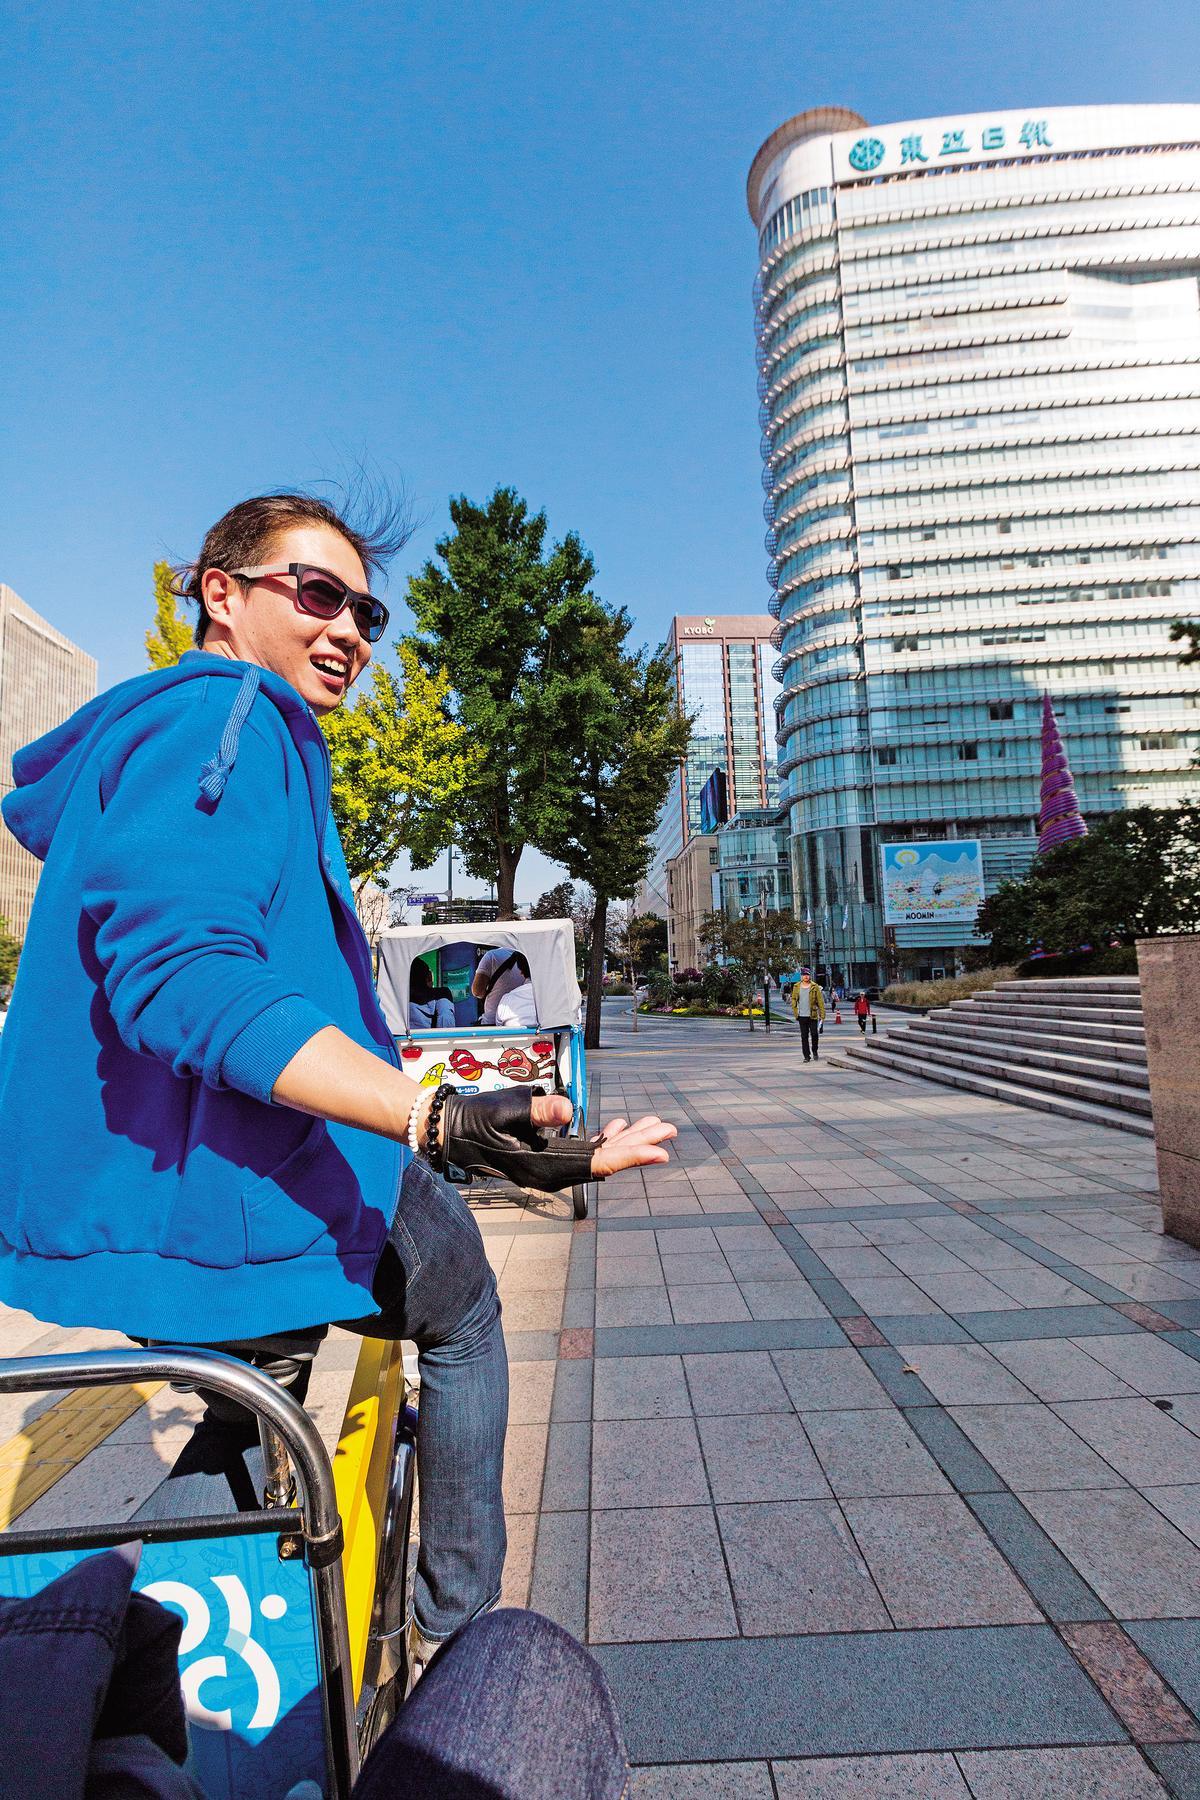 阿弟三輪車服務人員臉微紅地賣力踩著踏板,同時導覽,相當敬業。